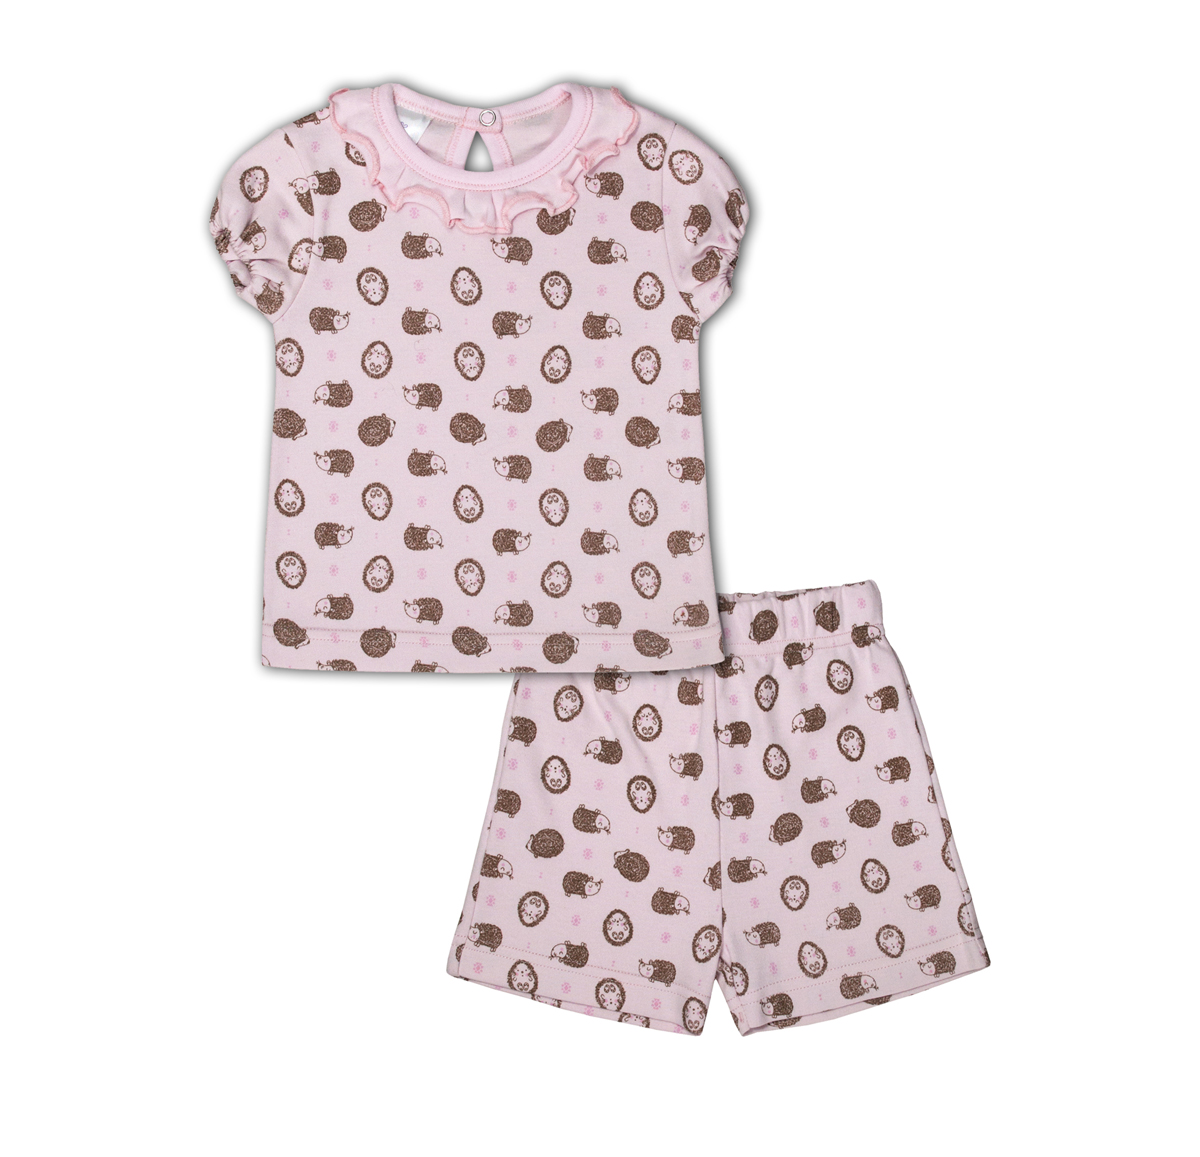 Комплект одежды для девочки Мамуляндия: шорты, футболка, цвет: розовый. 17-19003. Размер 86 комплекты детской одежды мамуляндия комплект одежды игрушки 15 5003п 5 предметов